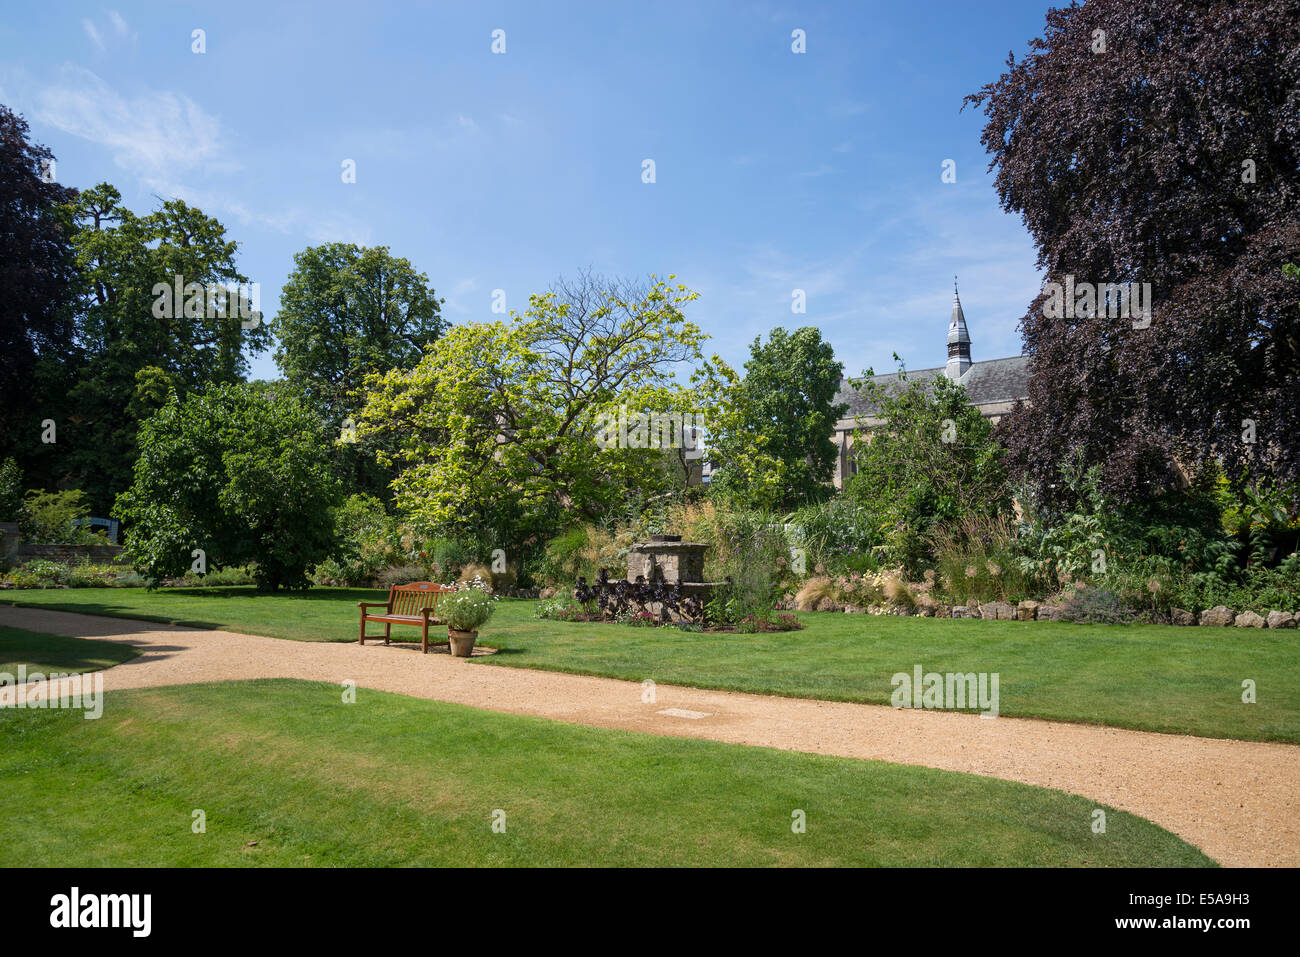 Fellows' Garden, Balliol College, Oxford, England, UK - Stock Image